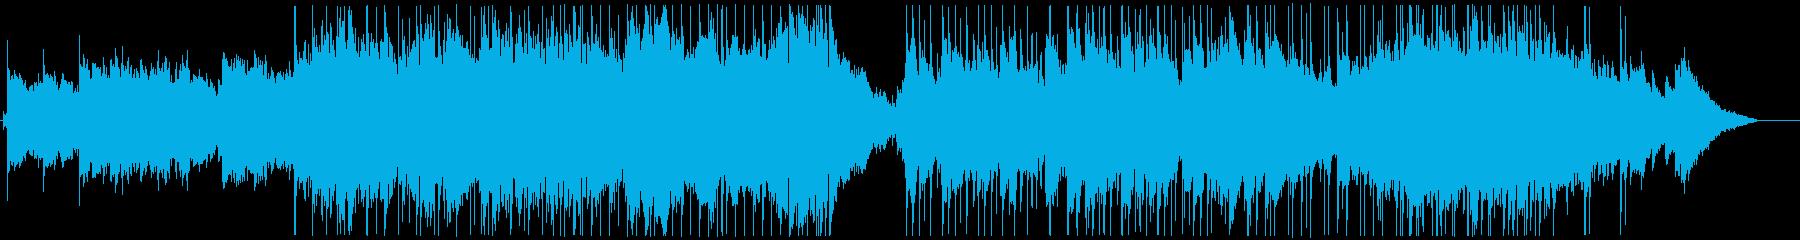 ニュースや映像のオープニングに合う曲の再生済みの波形